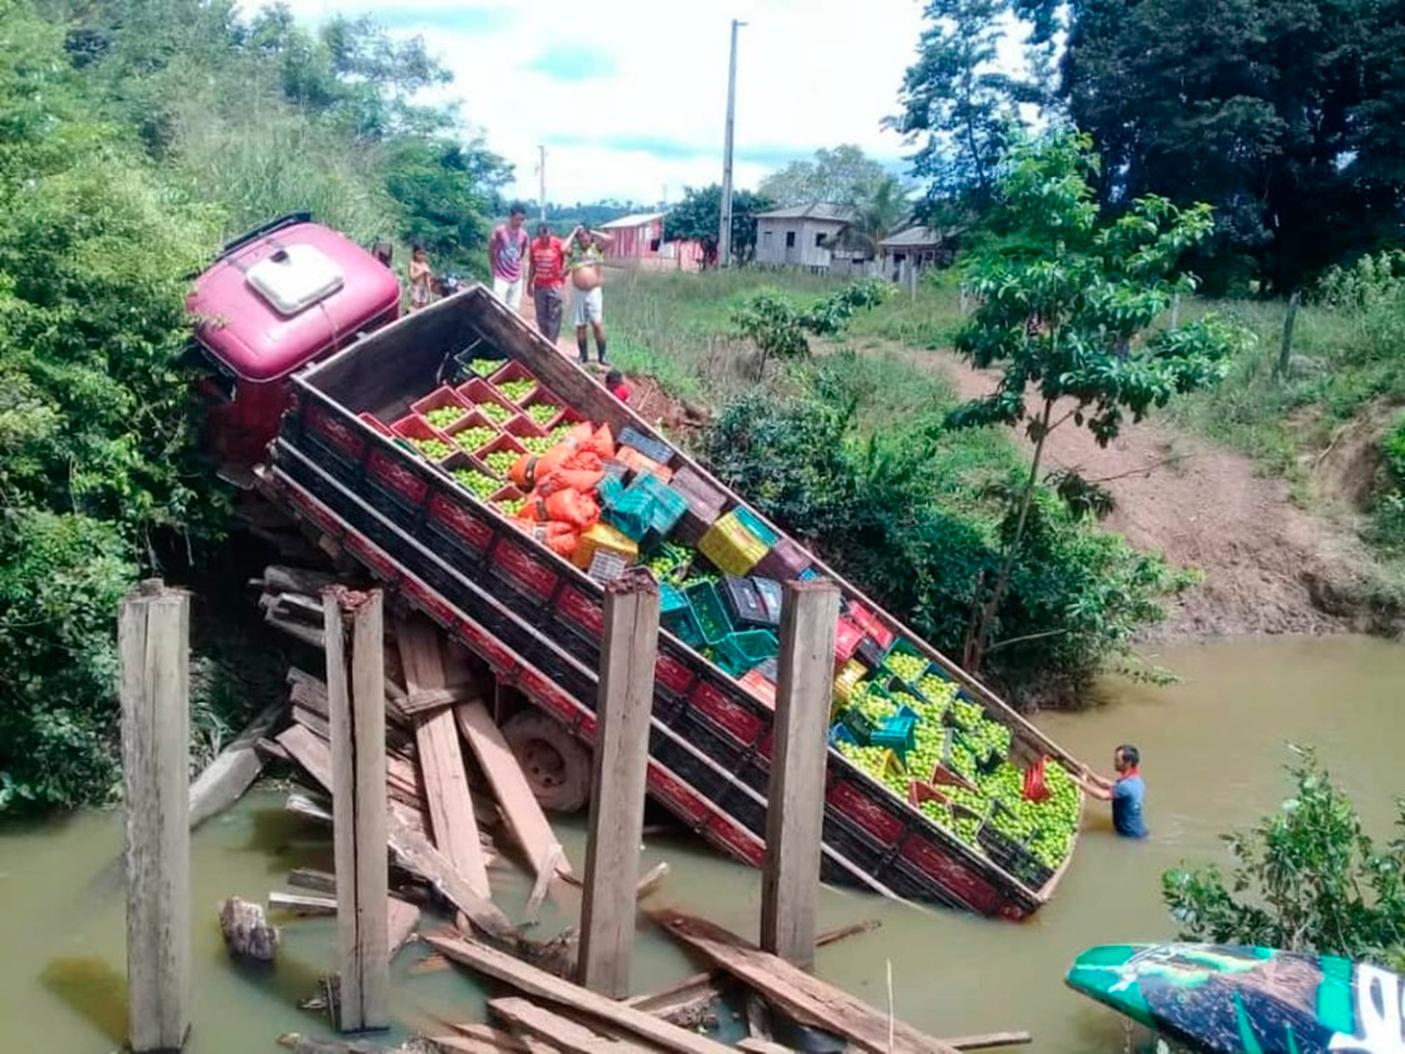 Caminhão, em área rural, carregado de alimentos perecíveis caído em um um rio por causa de quebra de ponte de madeira